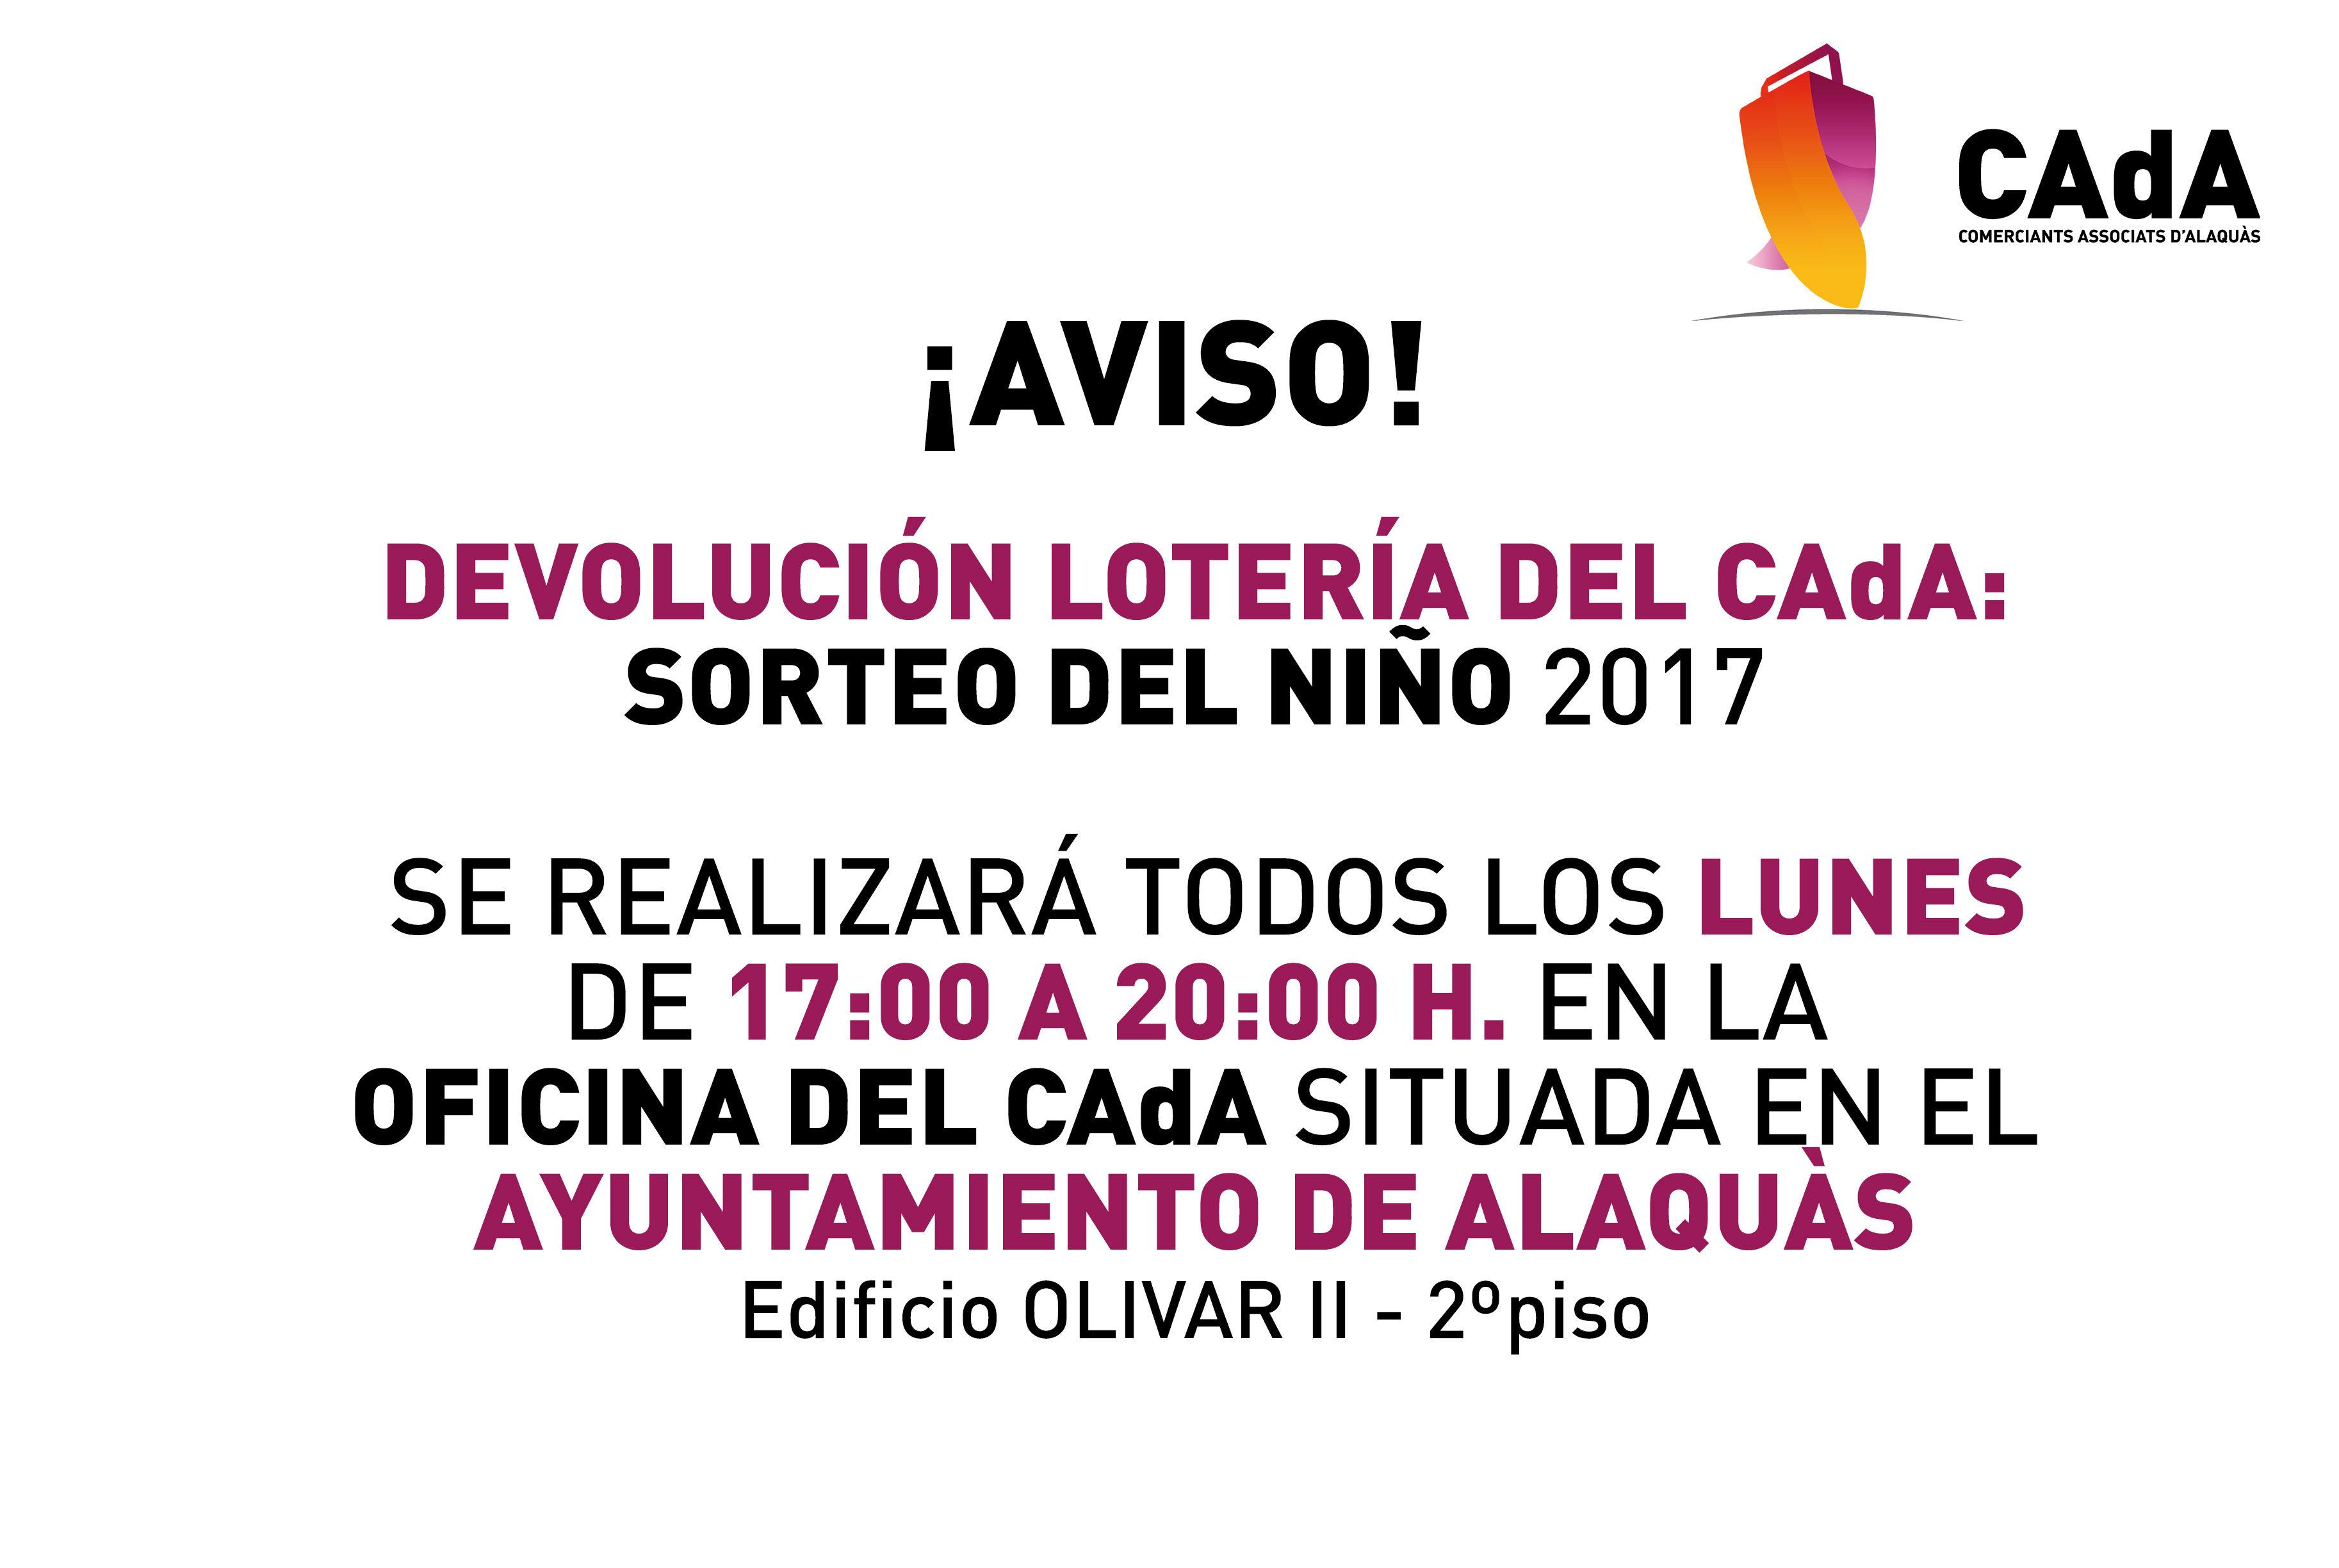 LOTERIA-AVISO- CAdA-sorte-niño-2017-devolucion